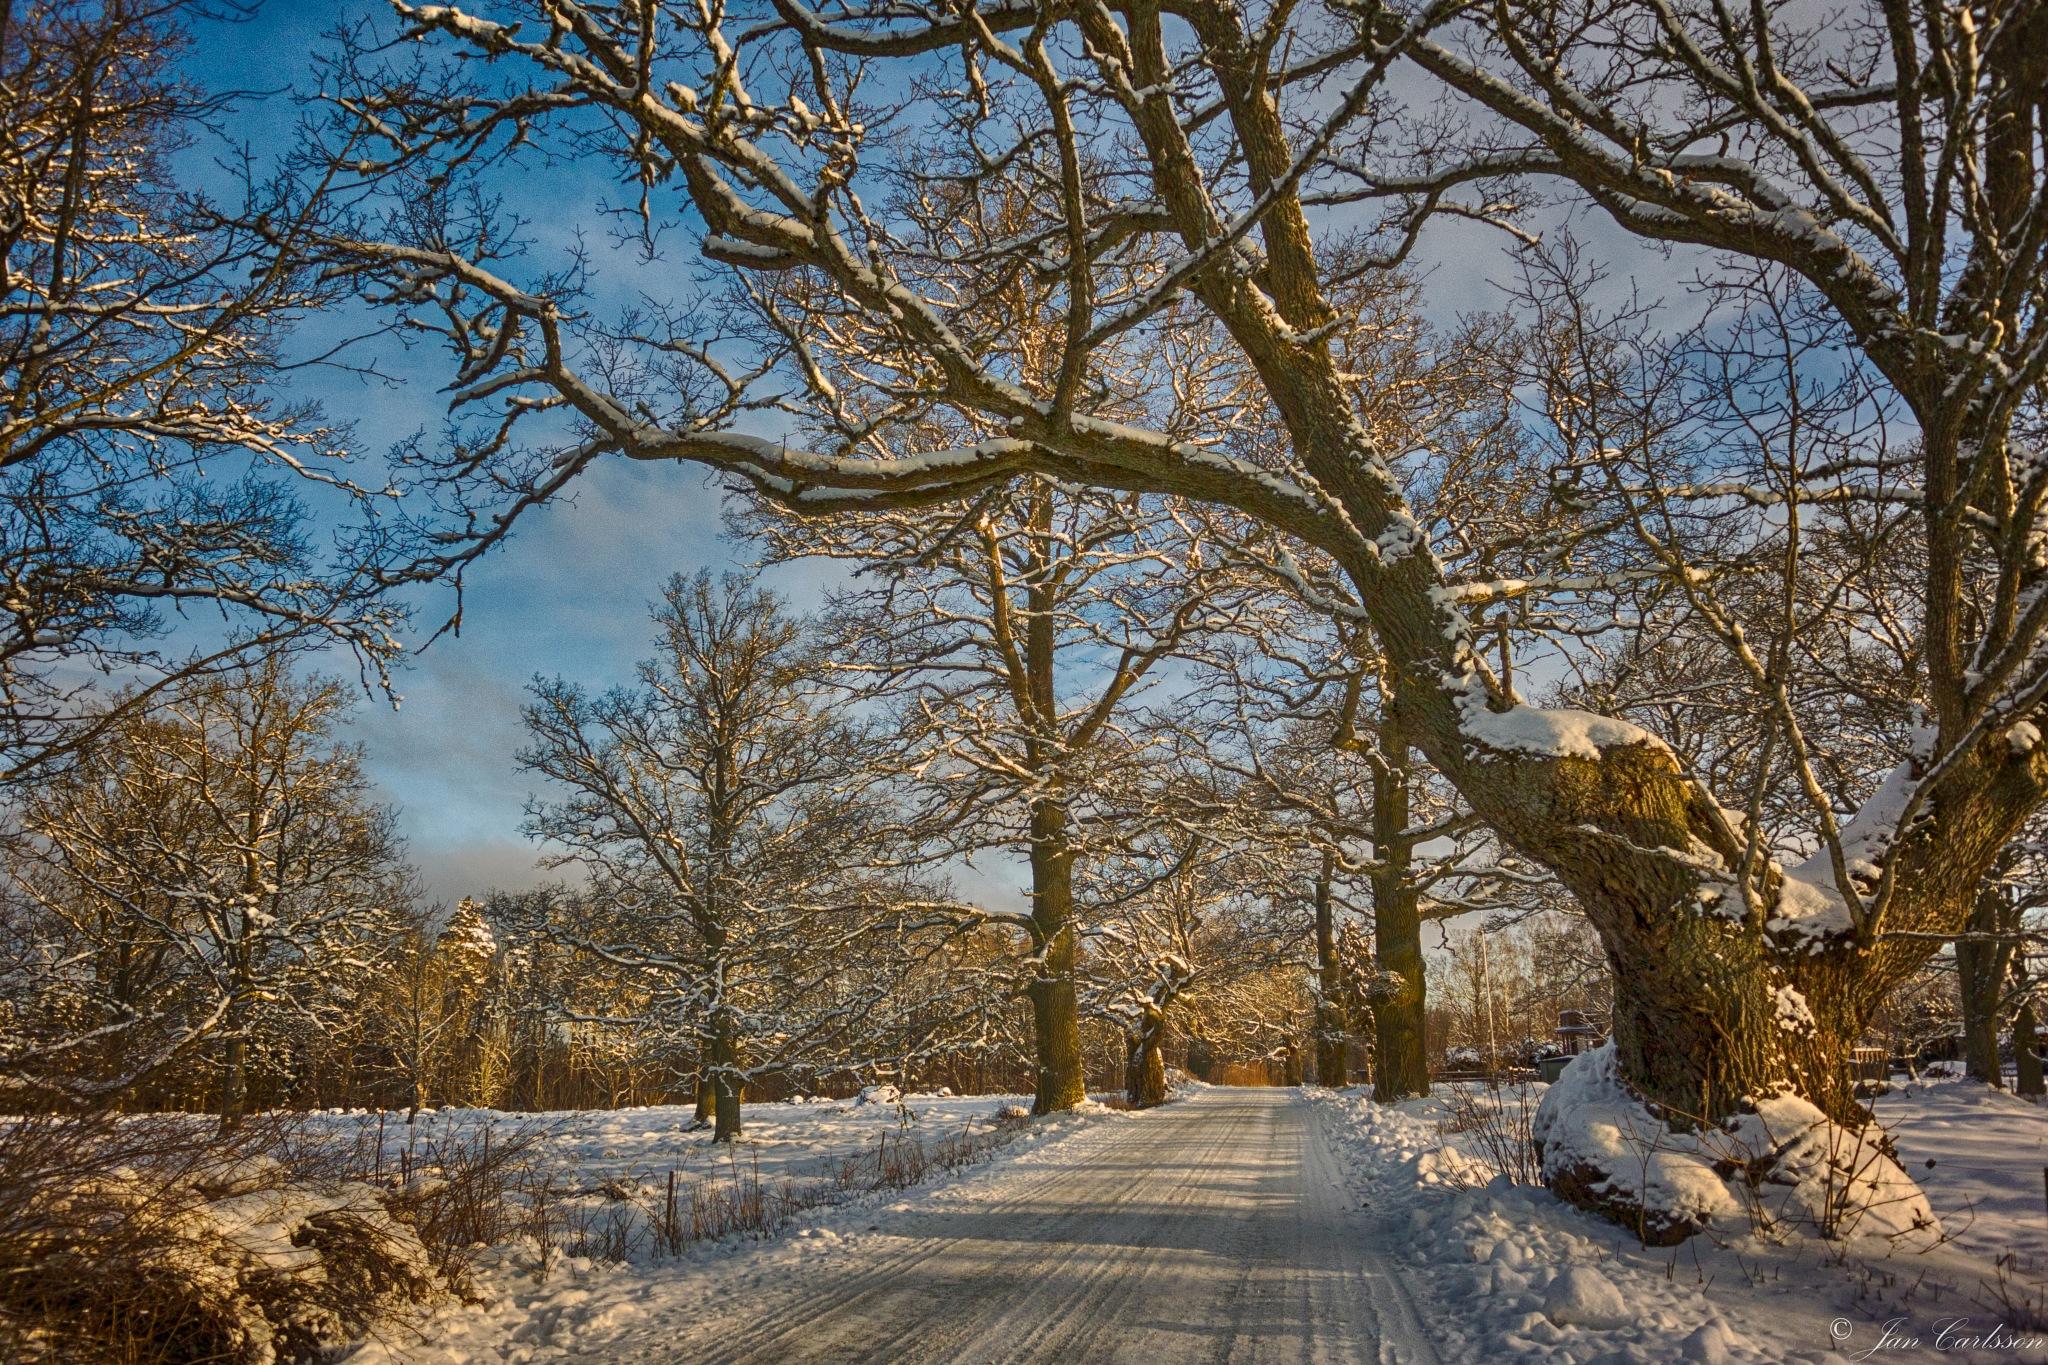 Old Oak Tree by carljan w carlsson